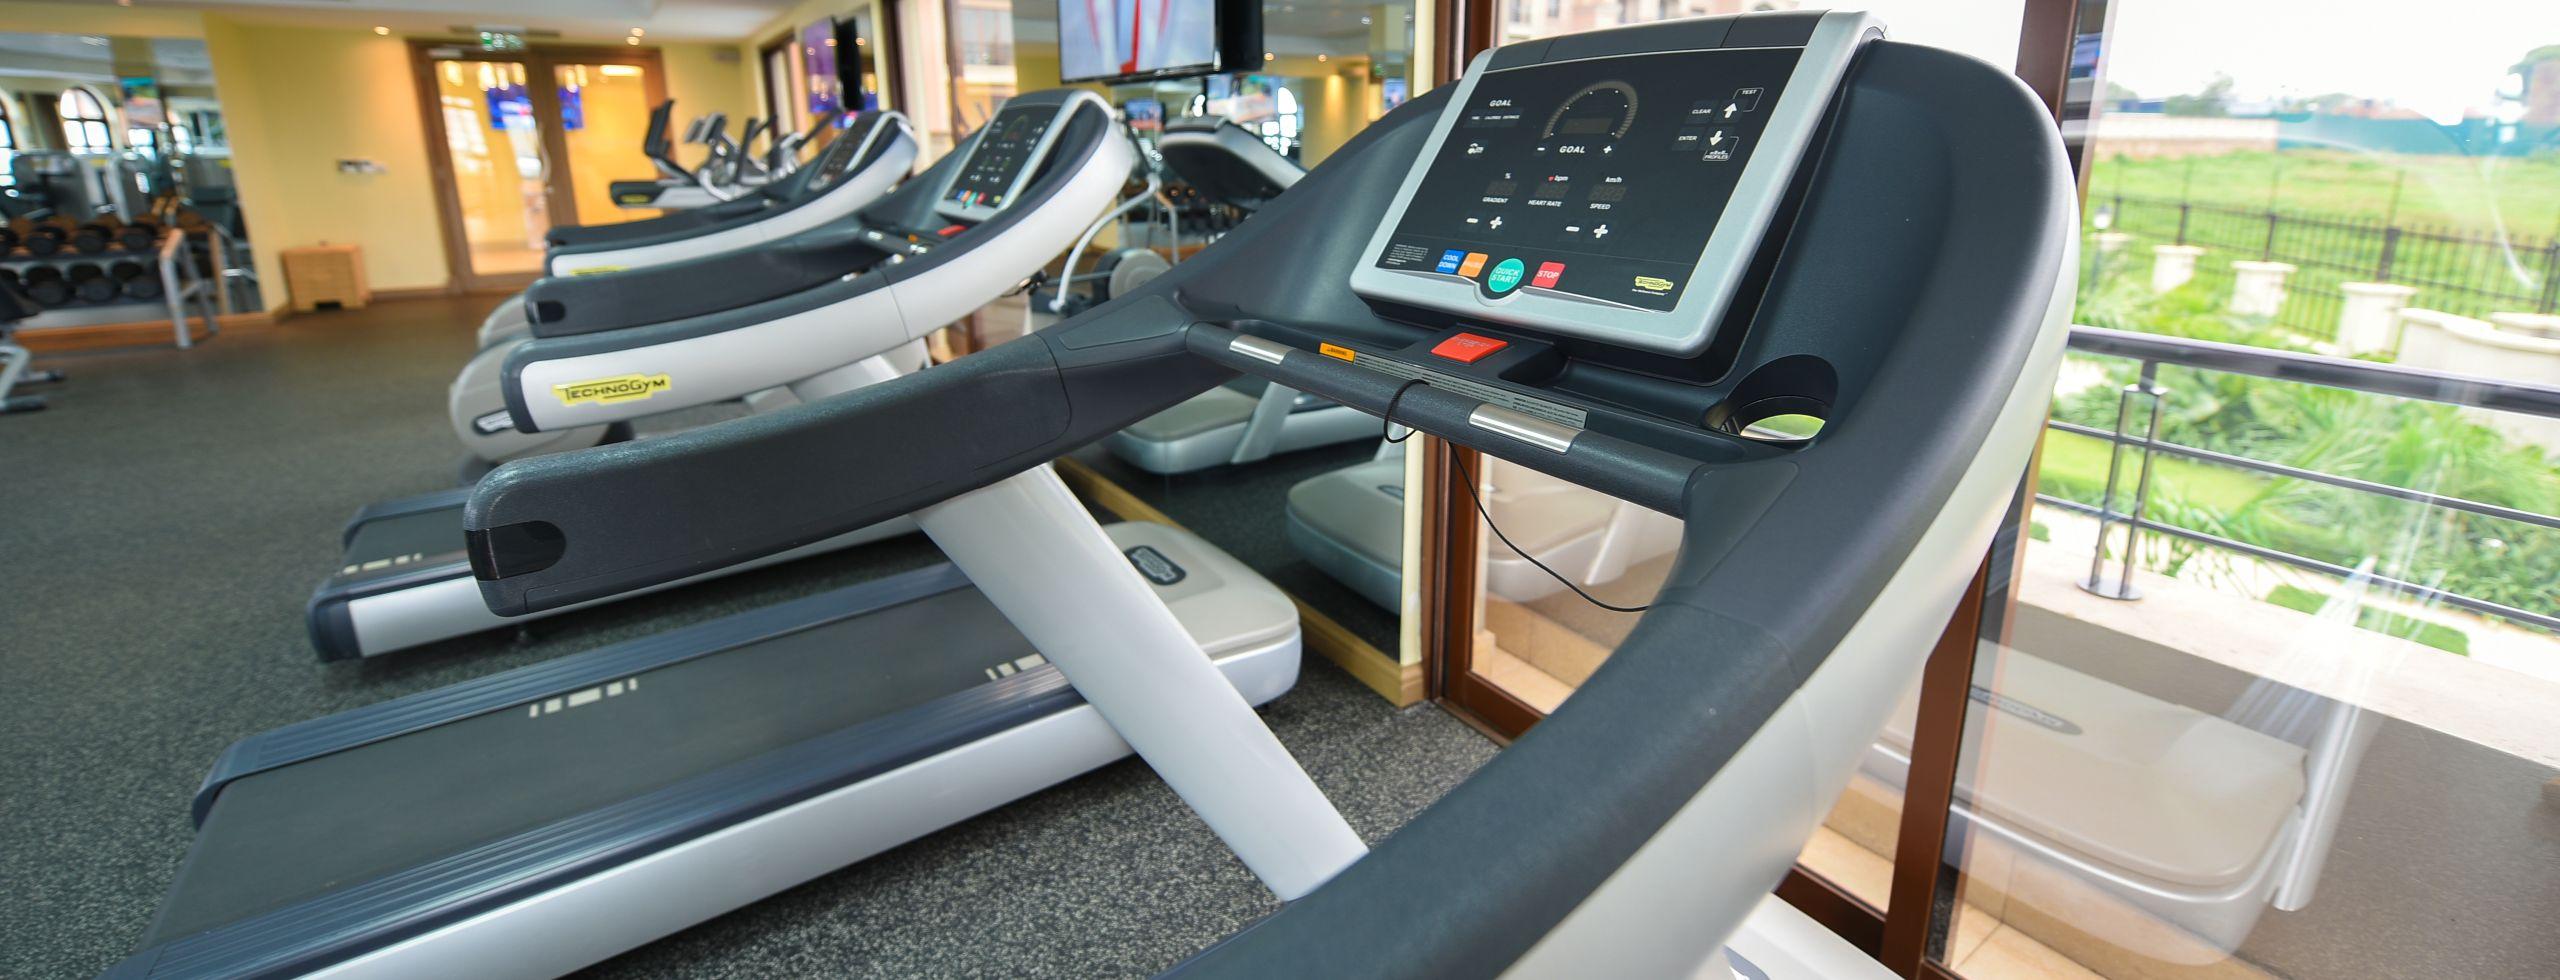 Services Gym 3 running